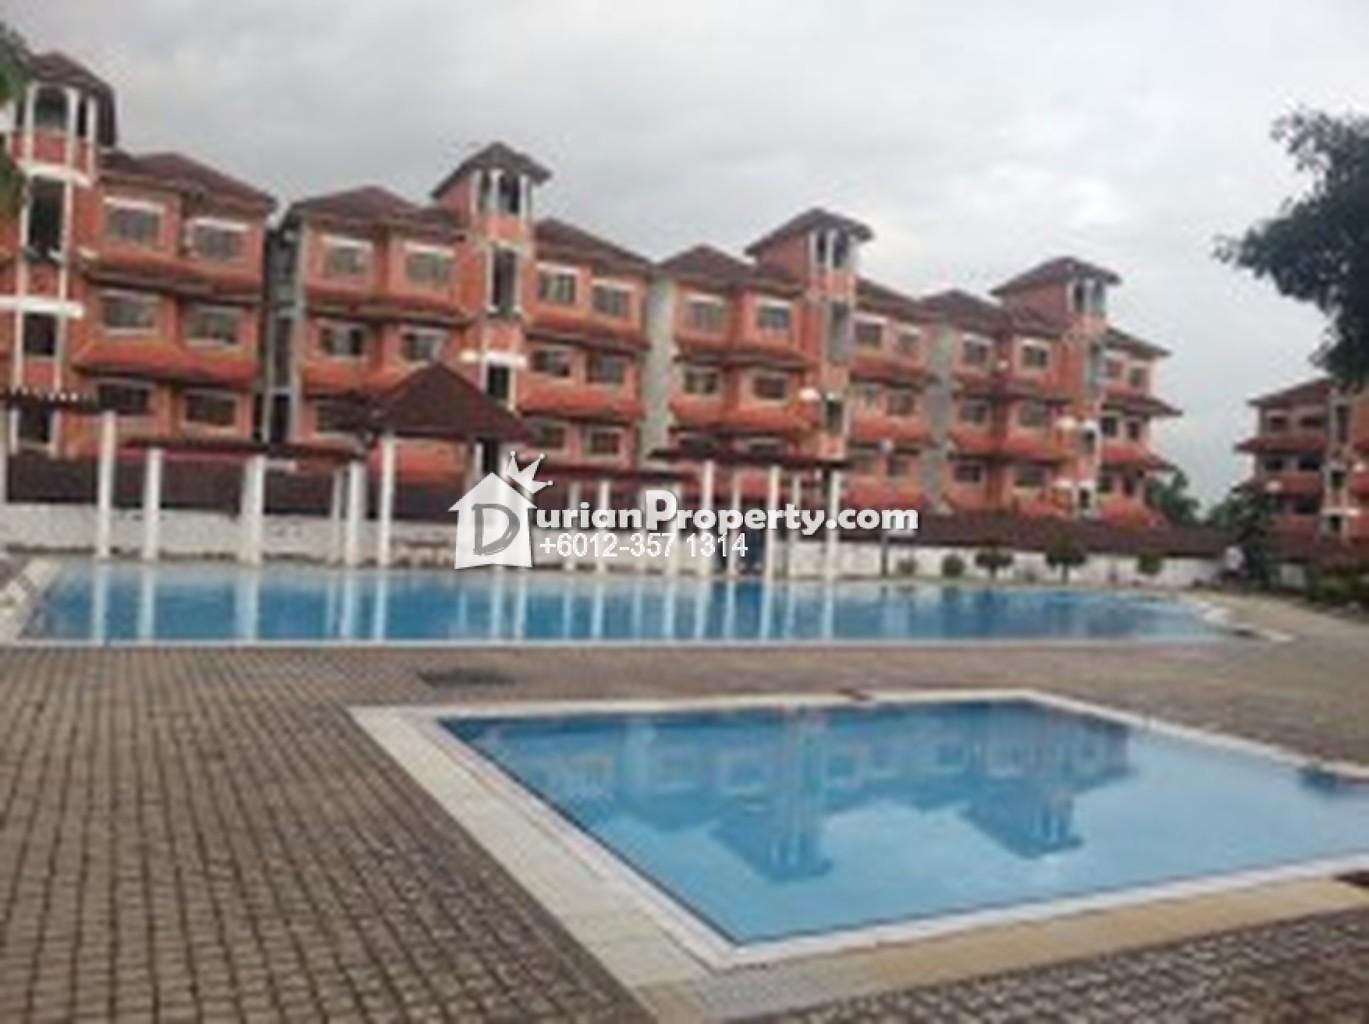 Condo For Rent At Excelsa Apartment Seri Kembangan